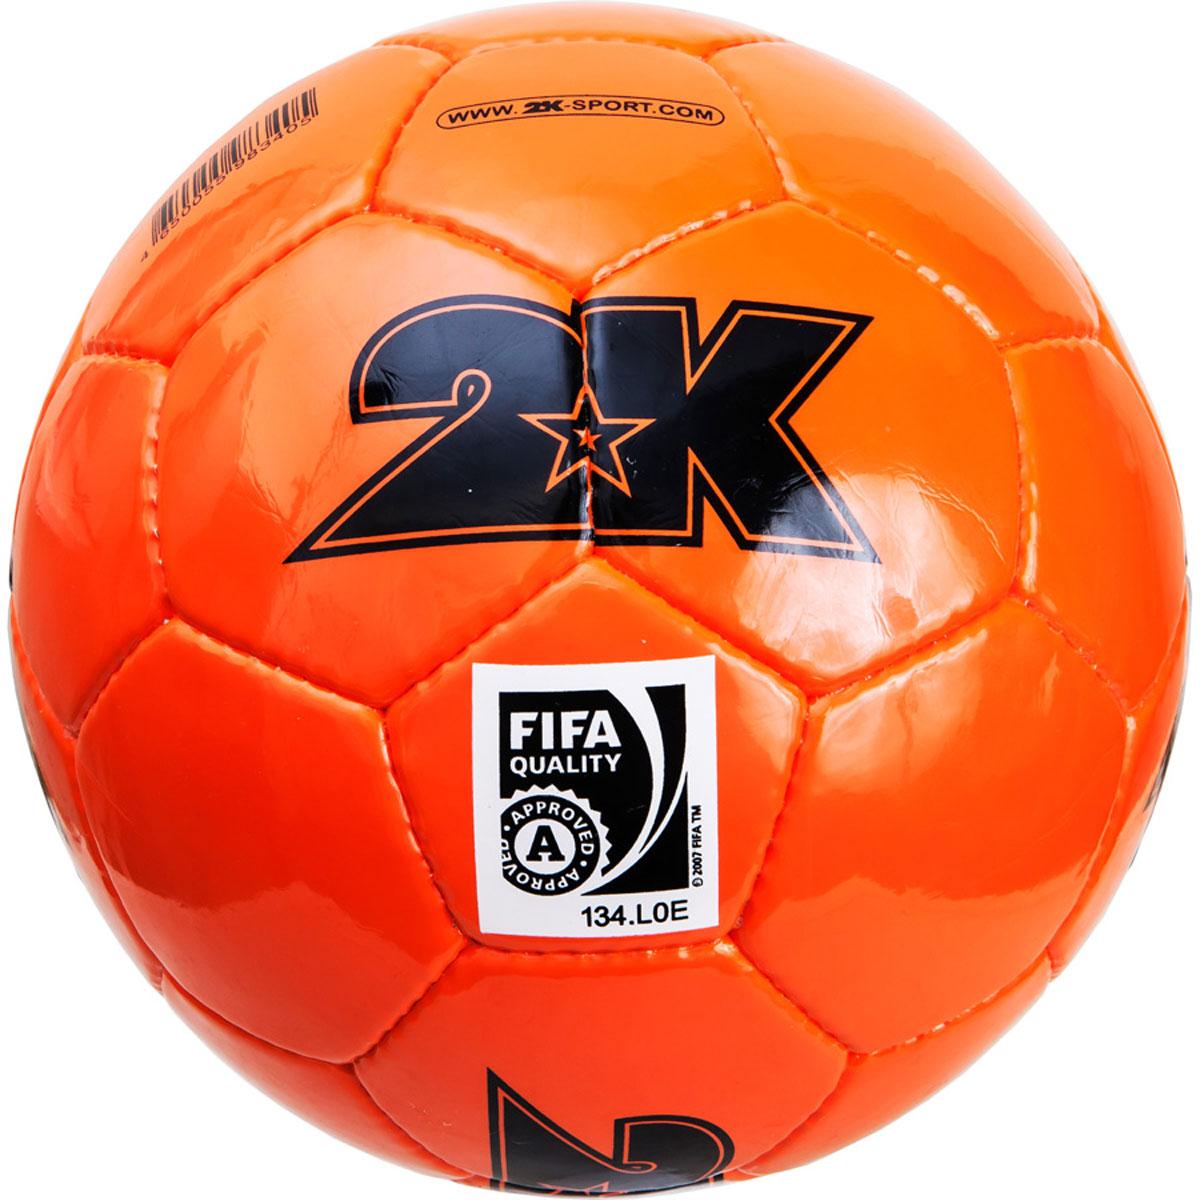 Мяч футбольный 2K Sport Elite, цвет: оранжевый, черный. Размер 5200170Профессиональный футбольный мяч 2K Sport Elite одобрен FIFA для проведения соревнований высшей категории. Мяч состоит из 32 панелей ручной сшивки. Швы проклеены для герметизации. Мяч выполнен из переливающегося ламинированного полиуретана. Имеется три подкладочных слоя из эксклюзивной ткани – смеси хлопка с полиэстером. Идеально сбалансированная бесшовная камера изготовлена из натурального латекса.Сертификат FIFA Approved.